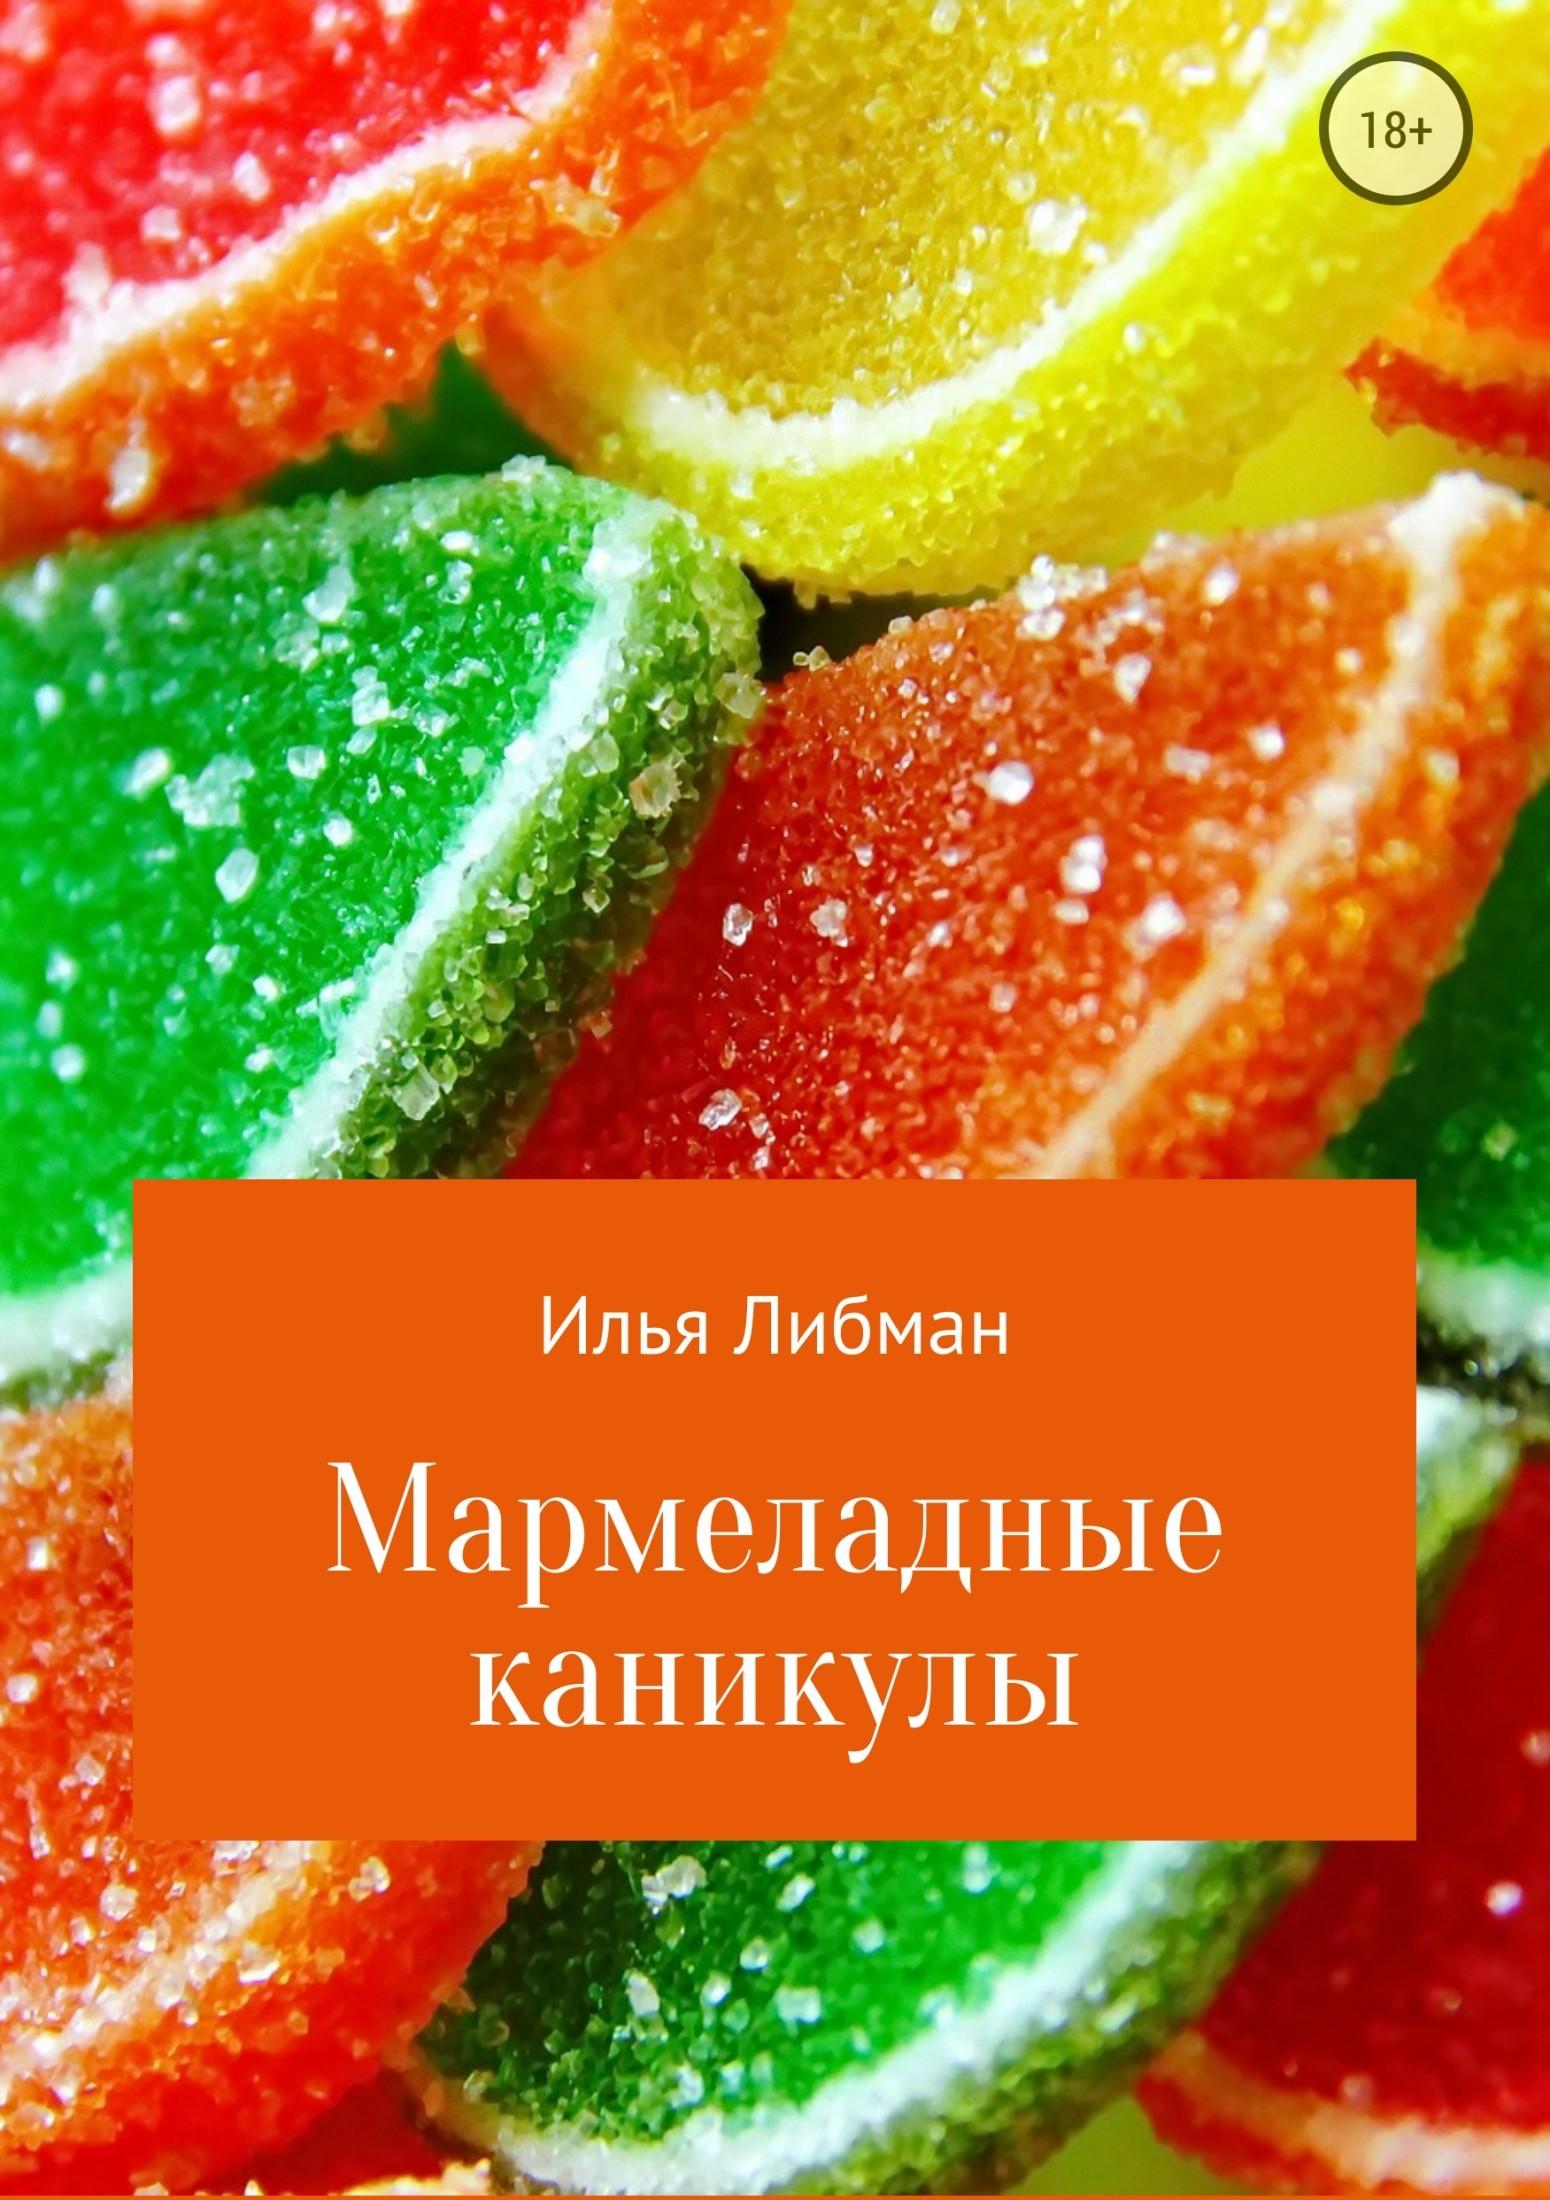 Илья Либман - Мармеладные каникулы